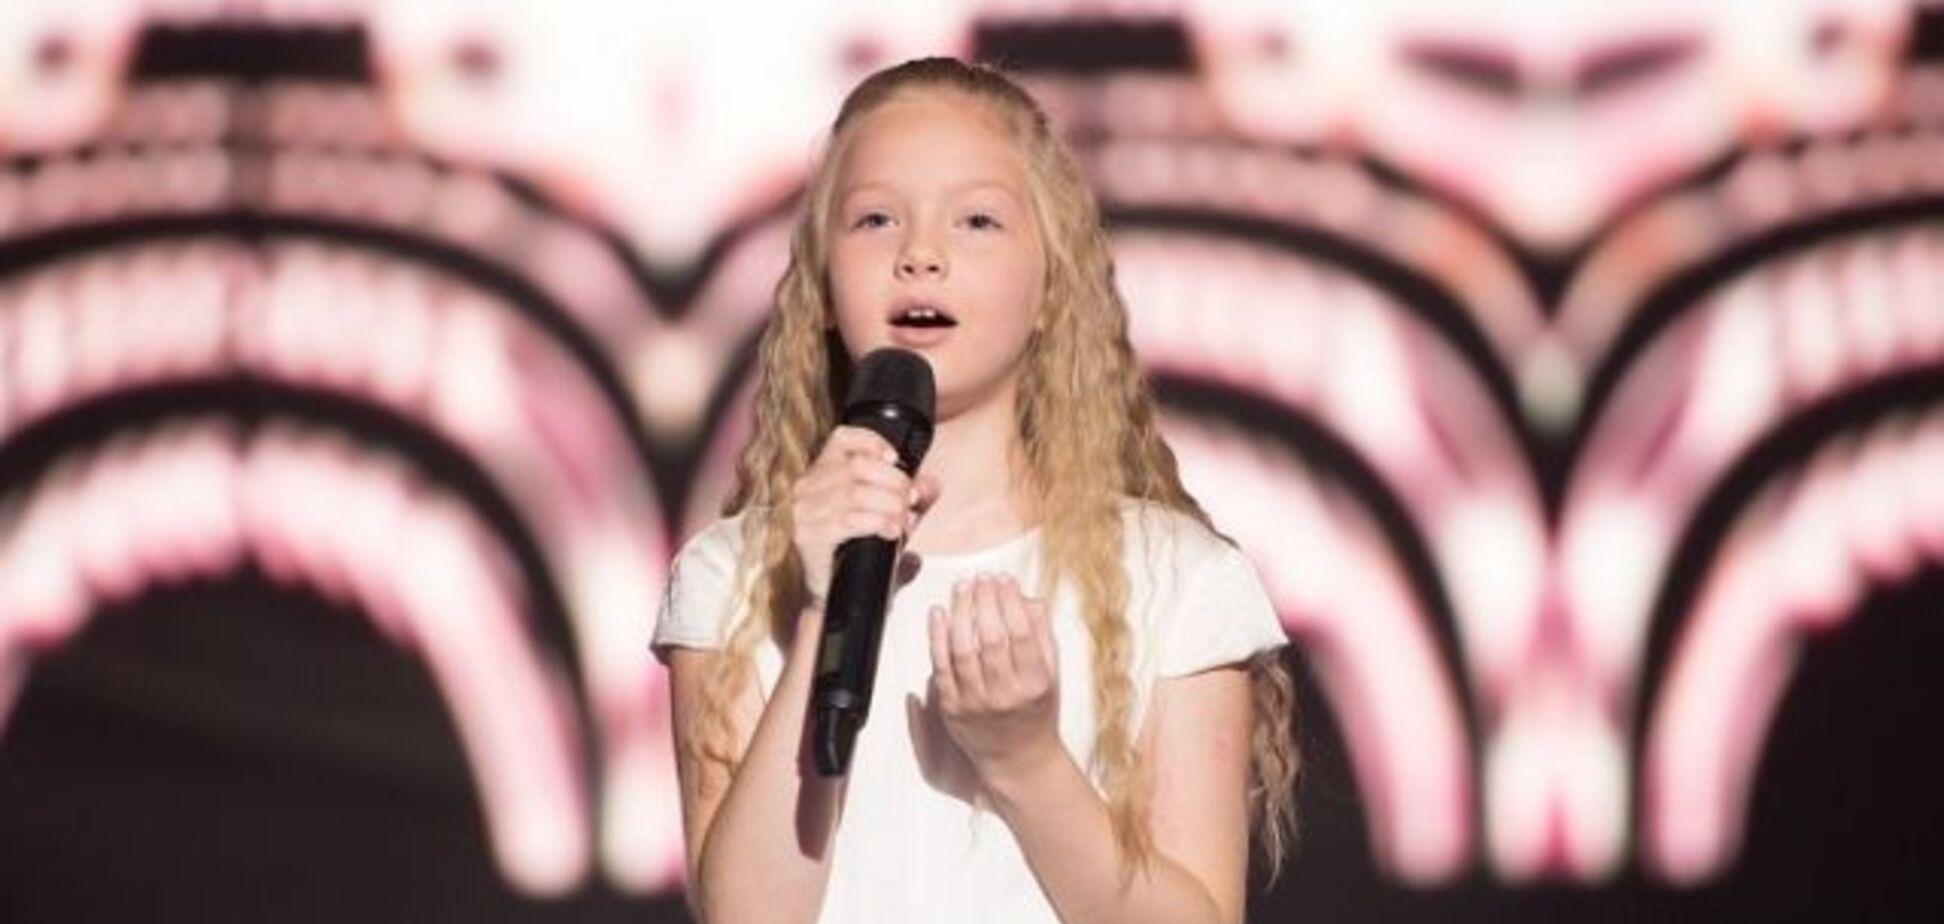 Дочь звезды 'Квартал 95' примет участие в шоу 'Голос. Діти'